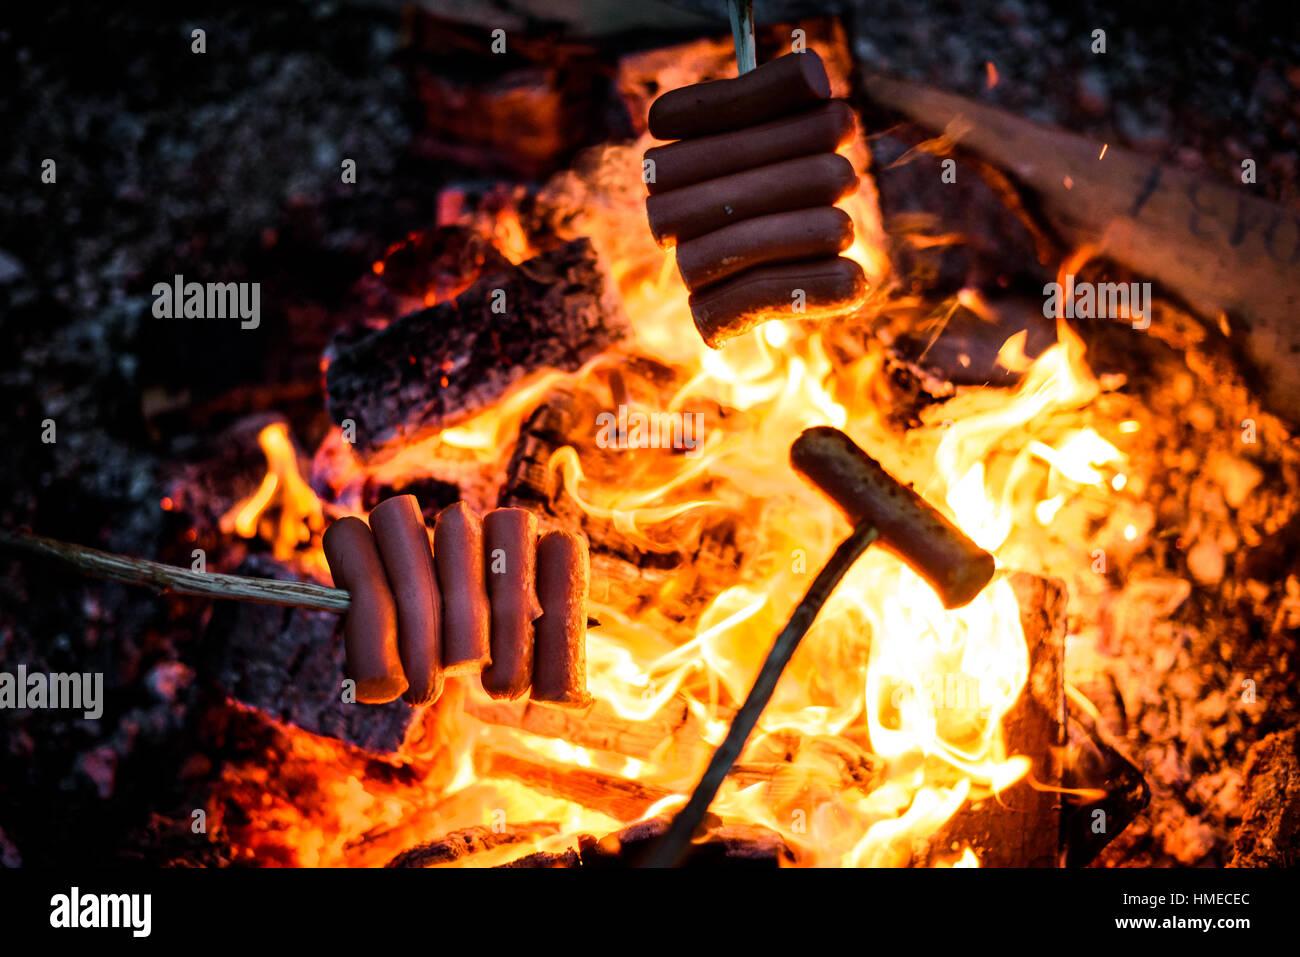 machen und kochen hot dog w rstchen ber ffnen lagerfeuer grillen essen ber flammen. Black Bedroom Furniture Sets. Home Design Ideas